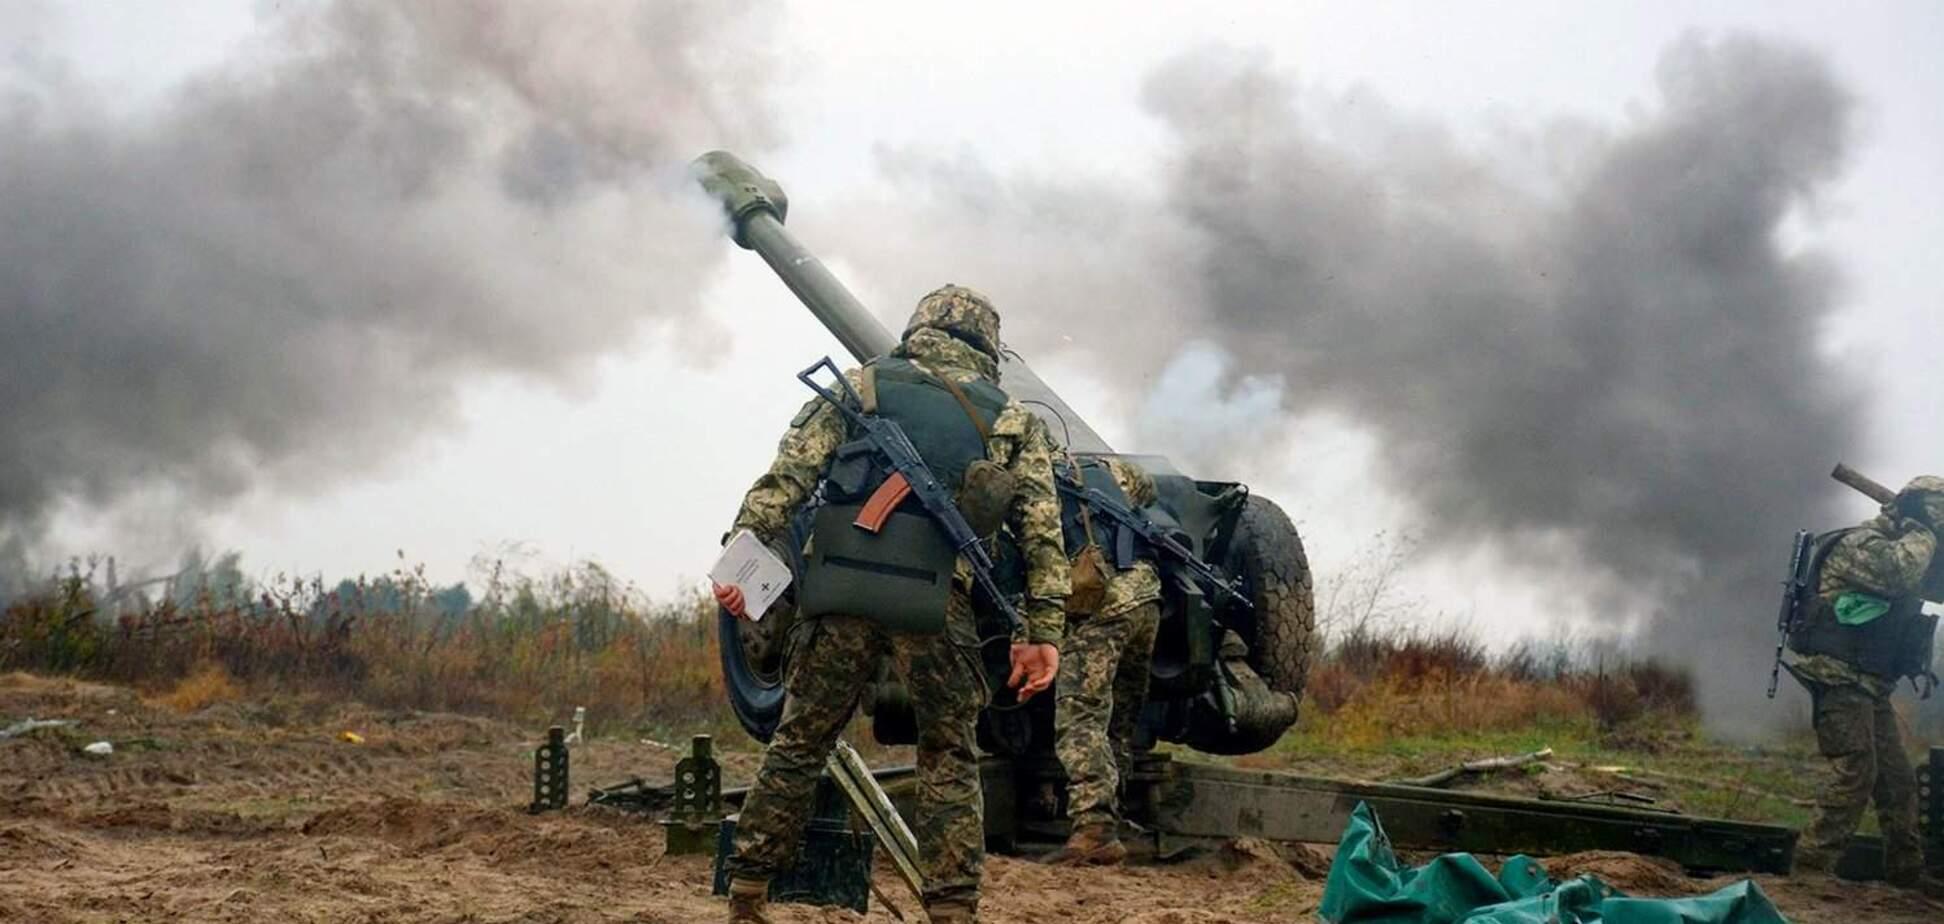 Російські війська атакували ЗСУ на Донбасі: у кривавому бою багато поранених